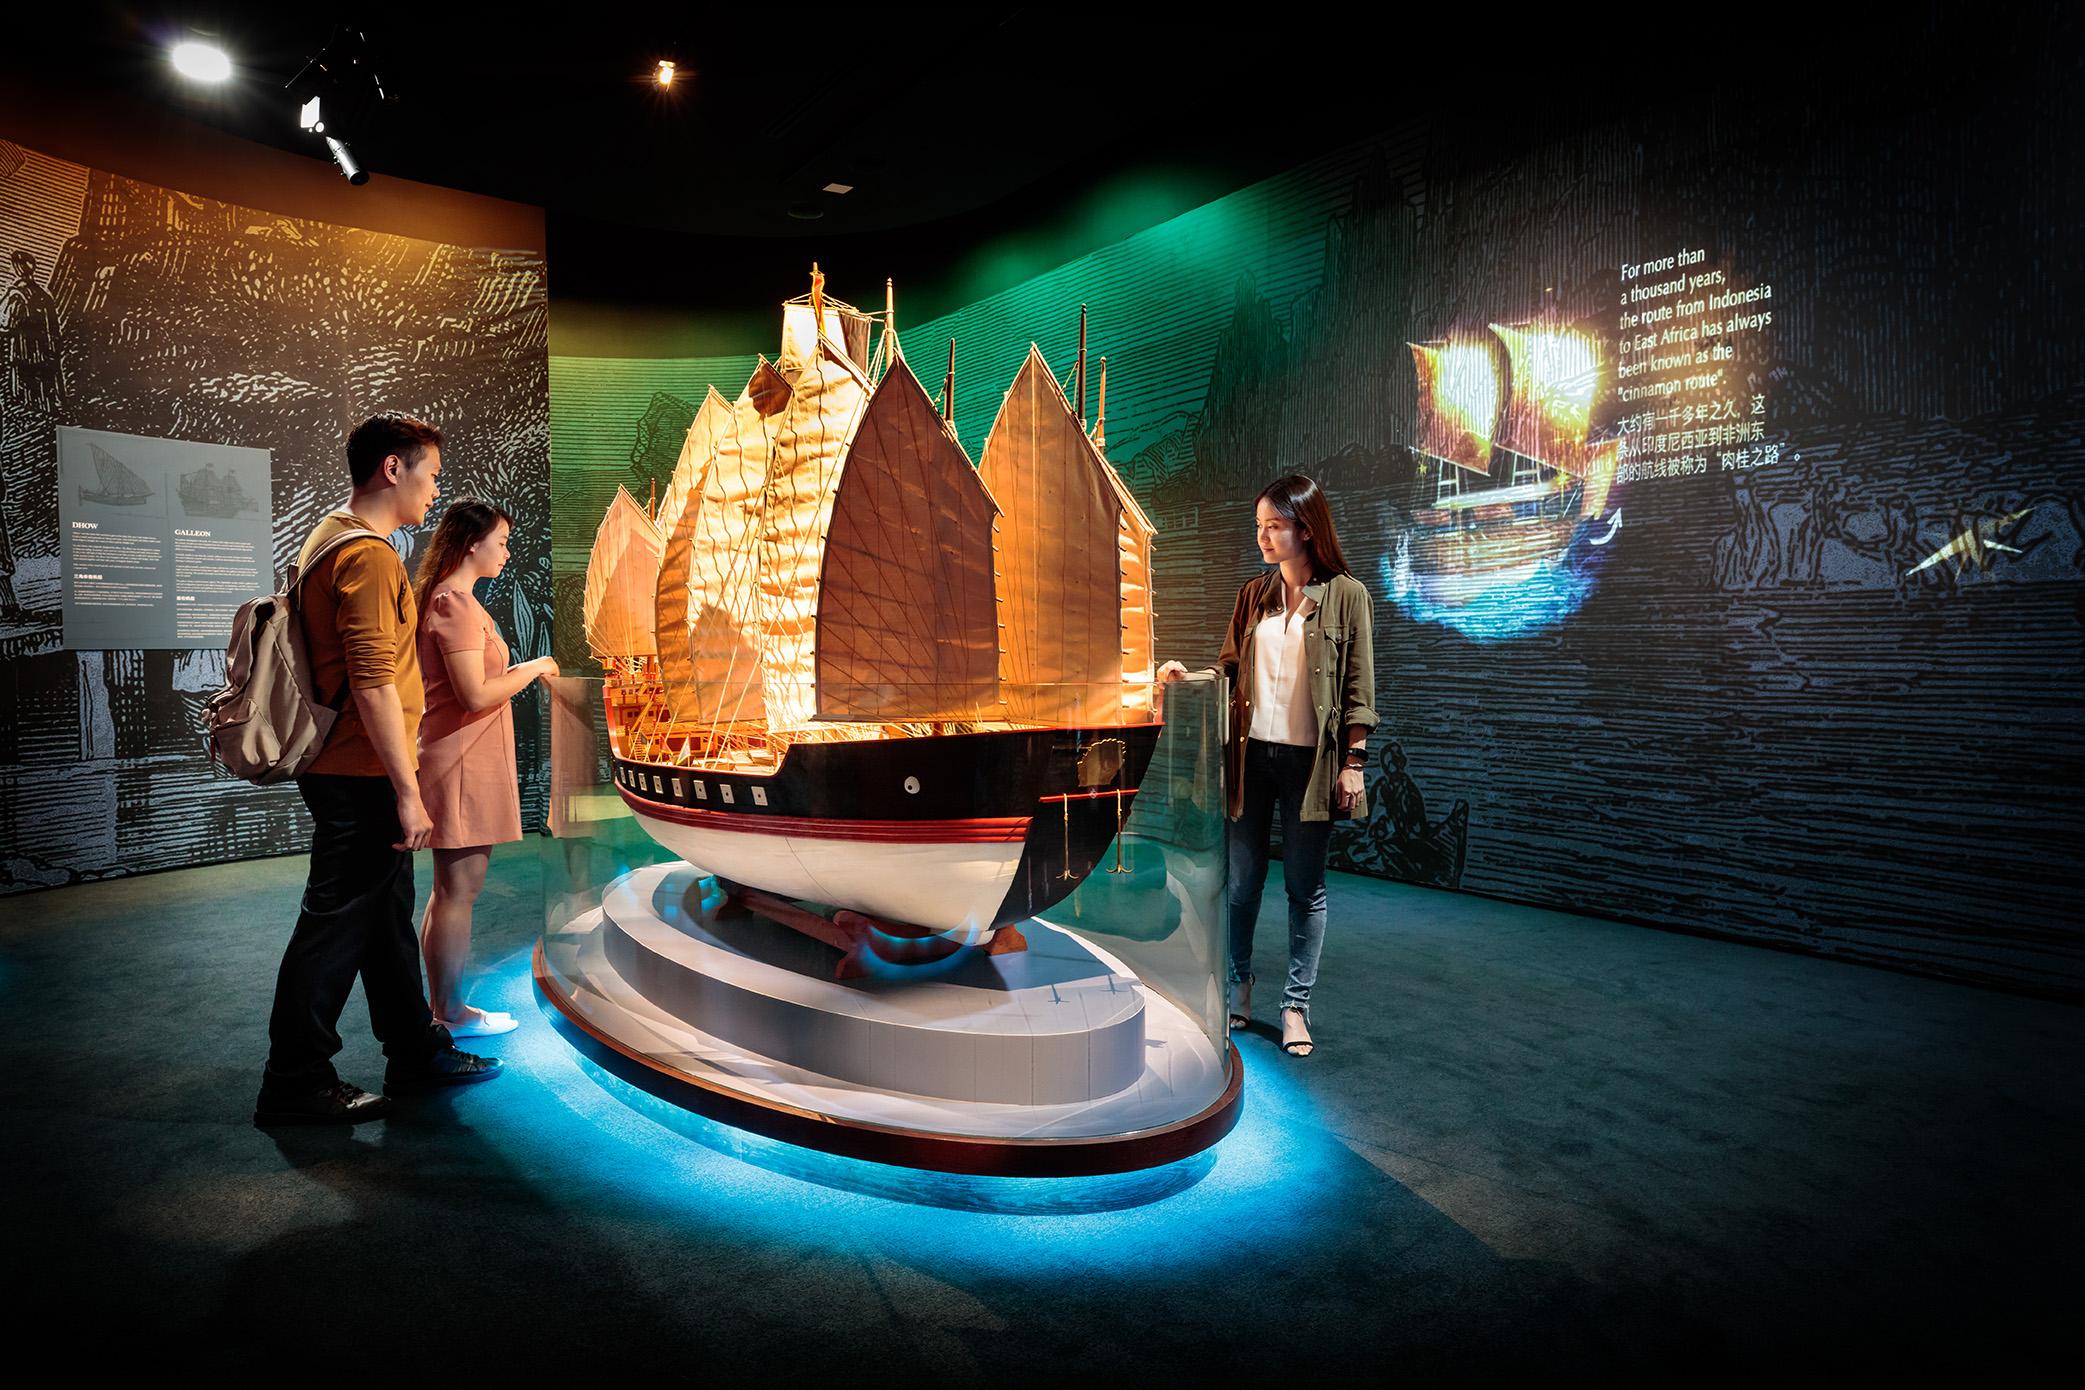 新加坡海事博物馆 - 海上丝路船只模型